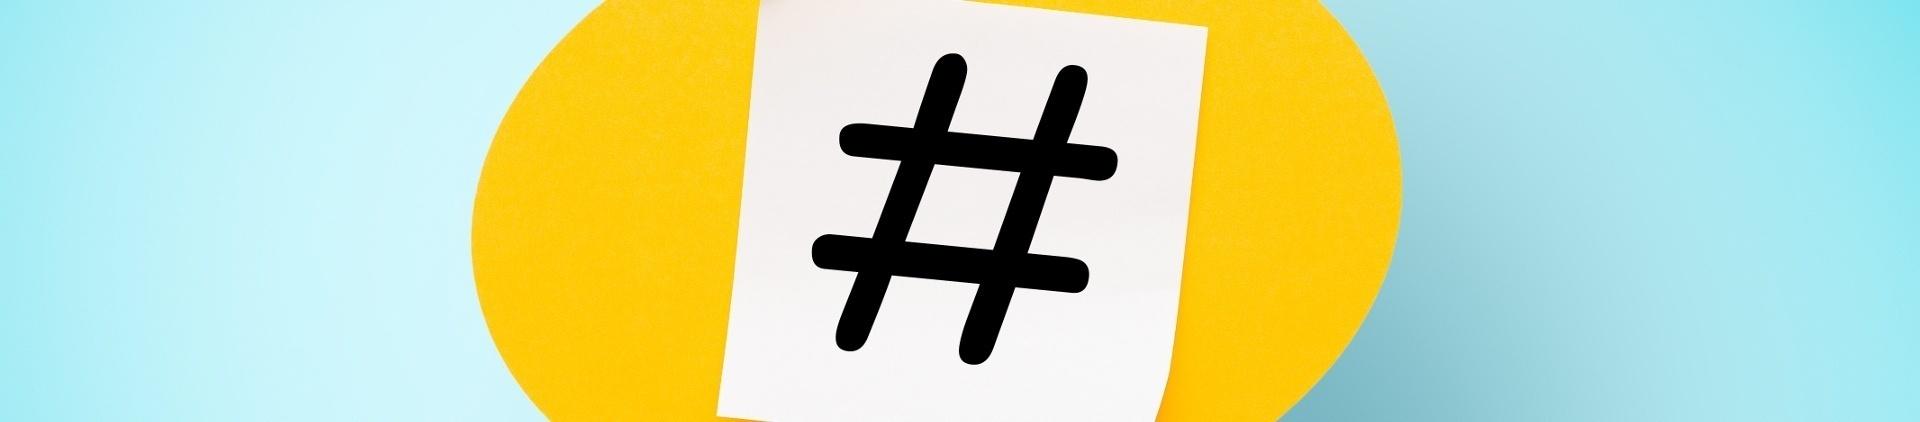 interpack – Operation Hashtag für noch mehr Sichtbarkeit